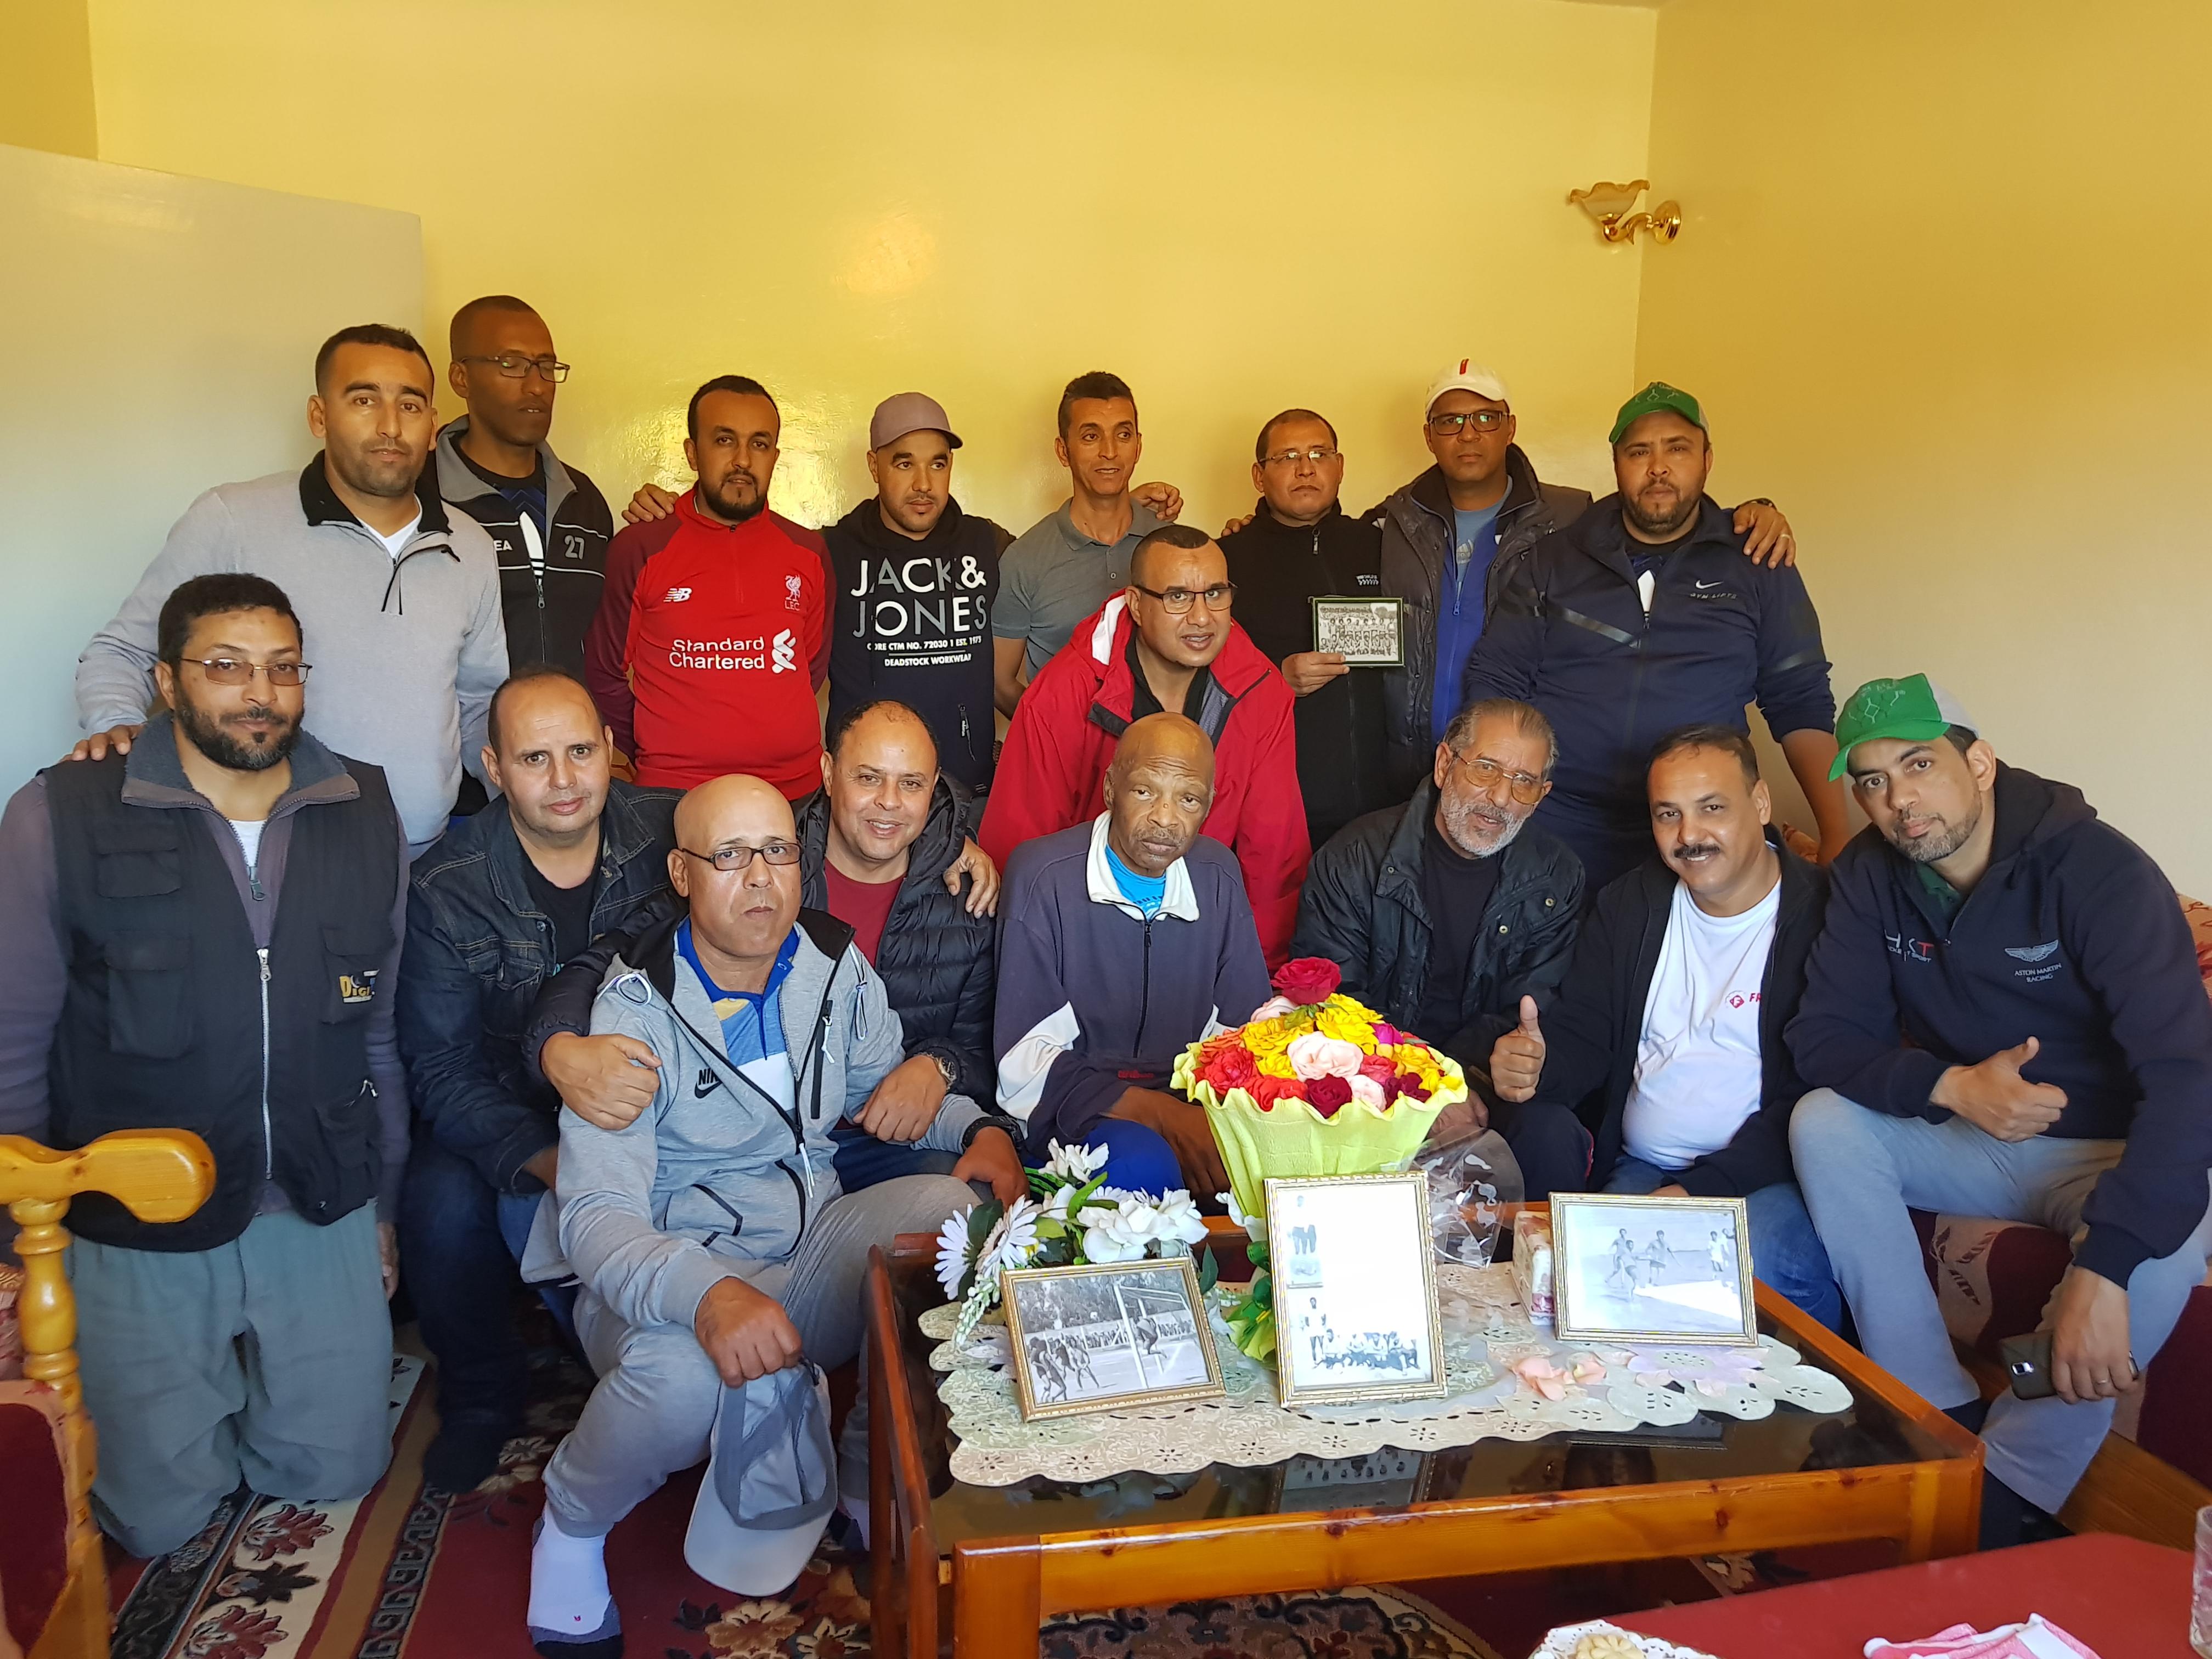 فاعلون رياضيون في زيارة ود وتكريم لقيدوم لاعبي أمل تيزنيت حمو سرحان